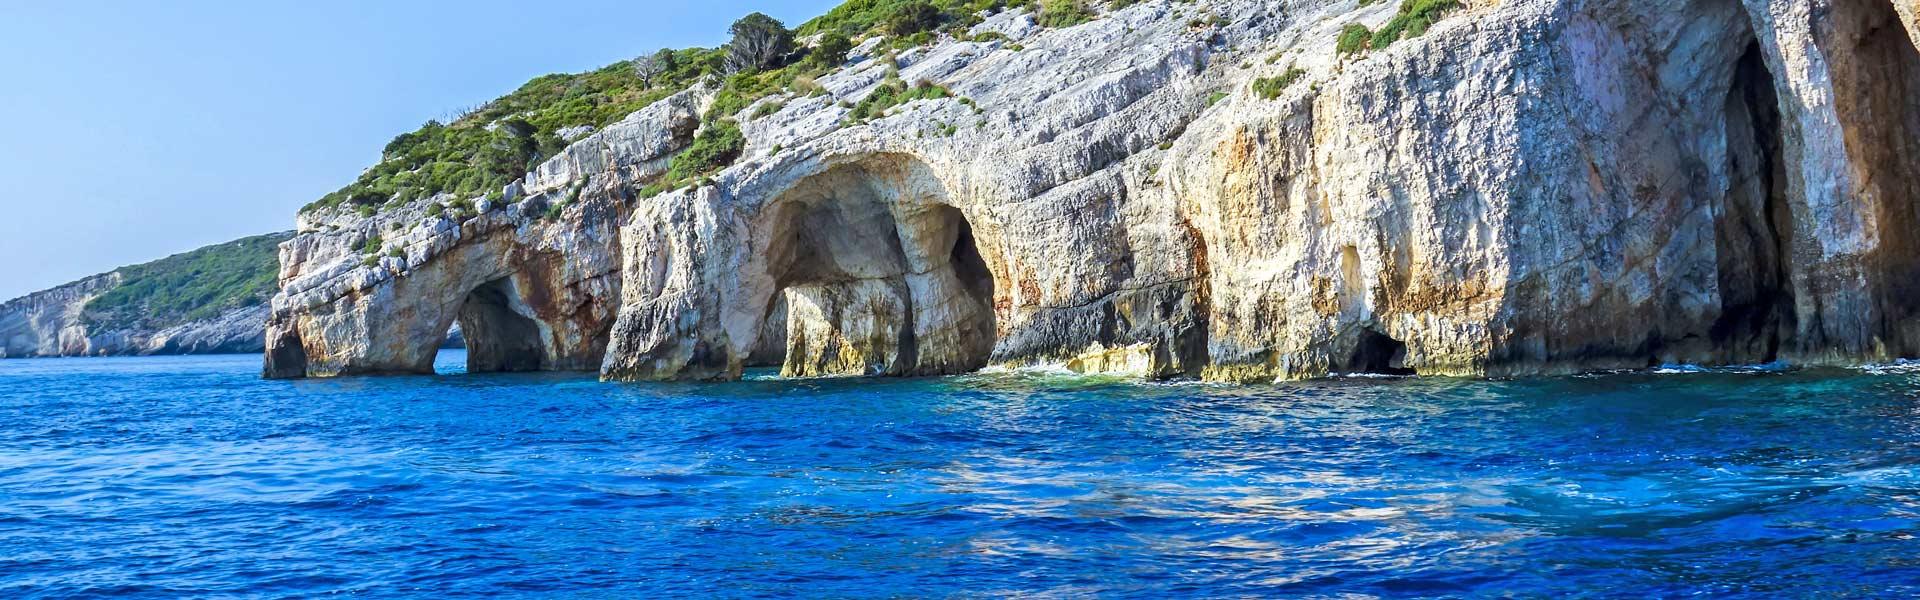 Zakynthos cruise - Cruise around Zakynthos - Island tour by boat